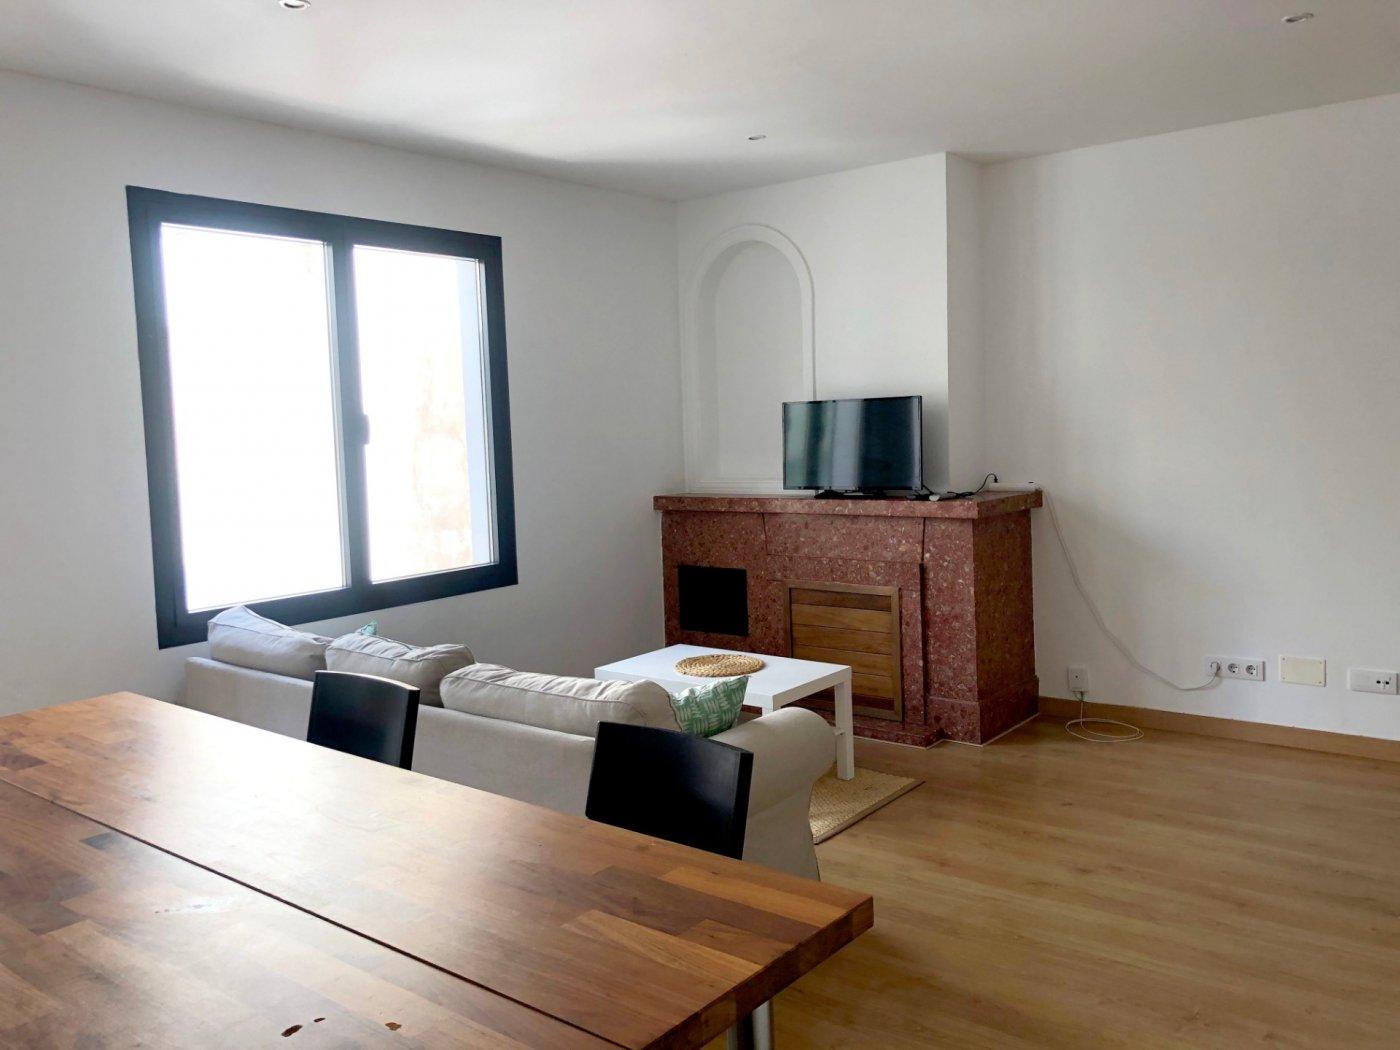 Se alquila precioso piso en el centro de palma - imagenInmueble3